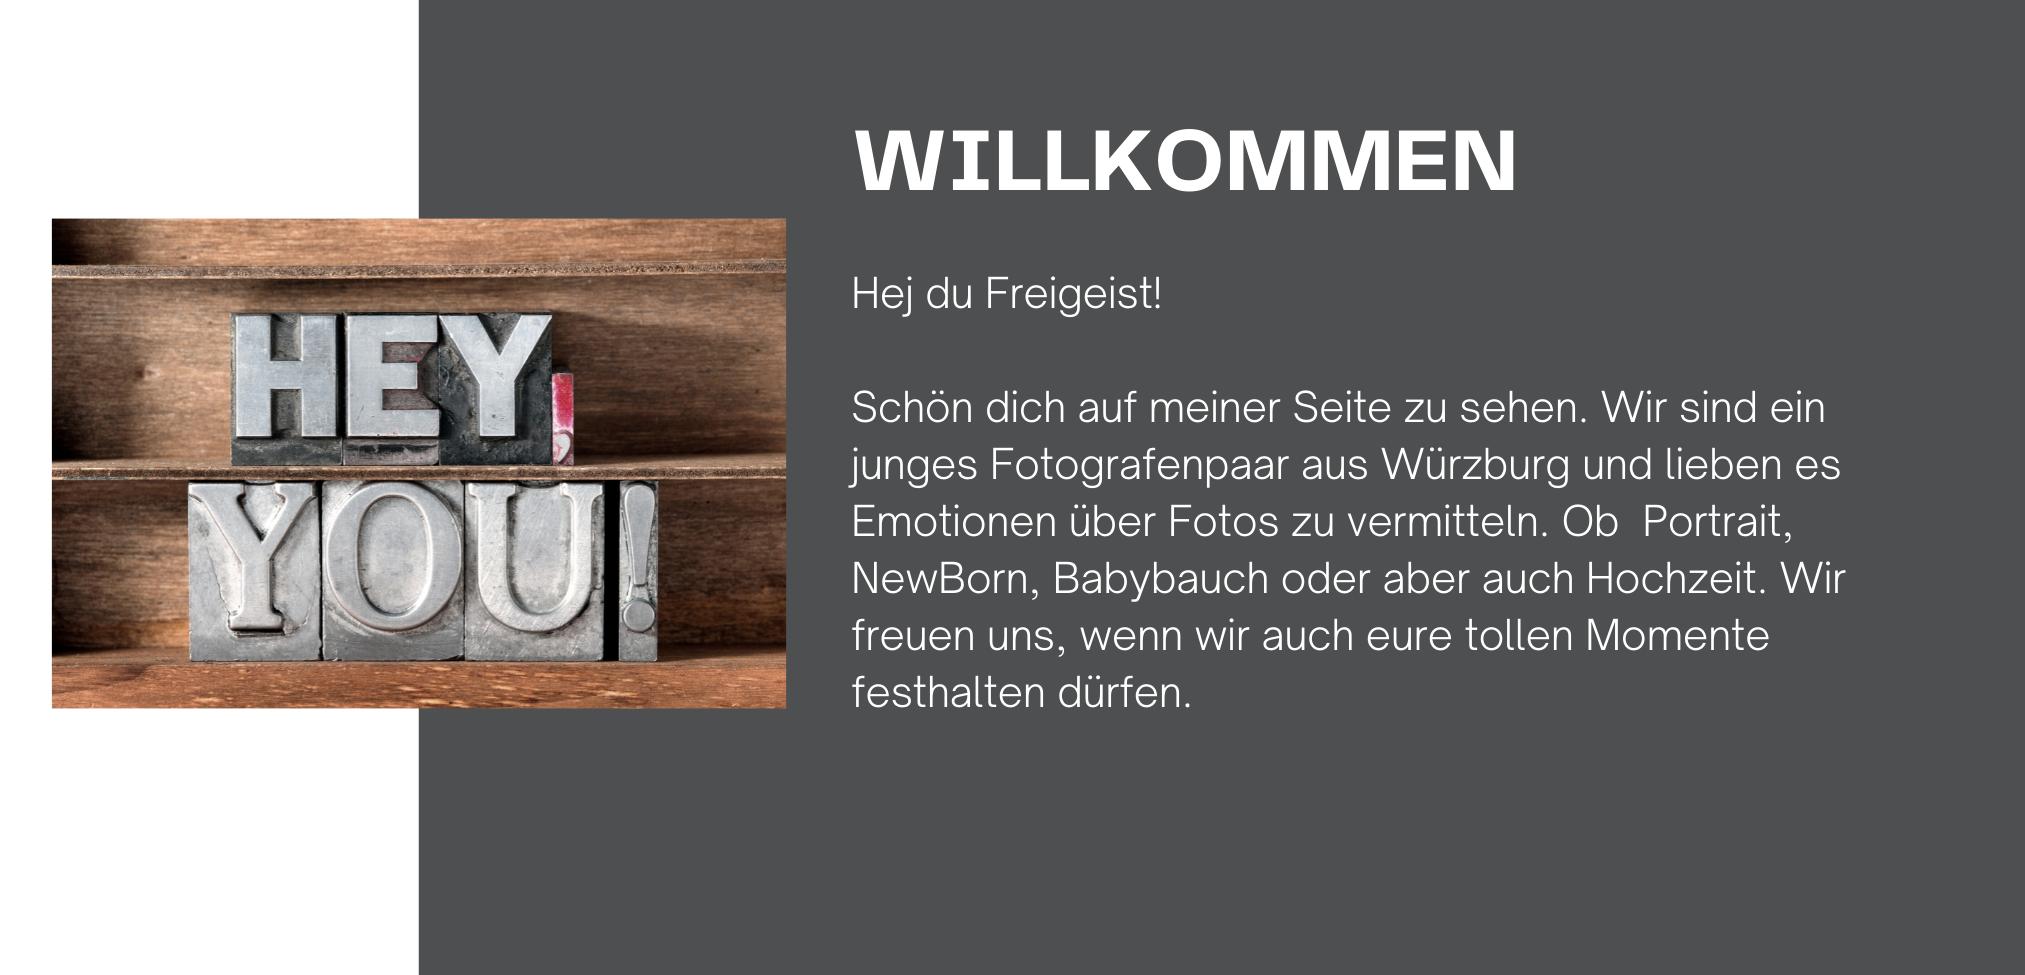 Blau Fett gedruckt und Modern Buchhaltung Unternehmen Website 2